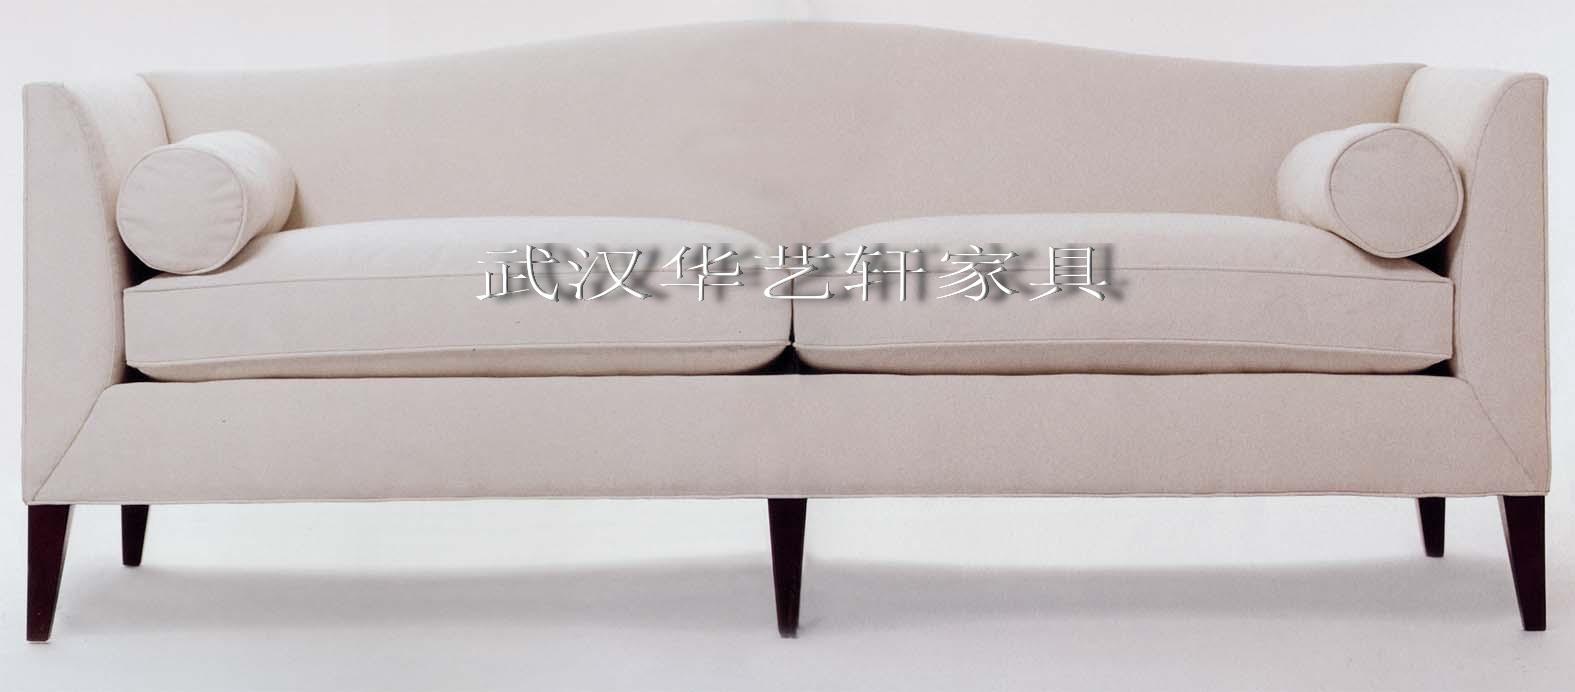 沙发的折法图解